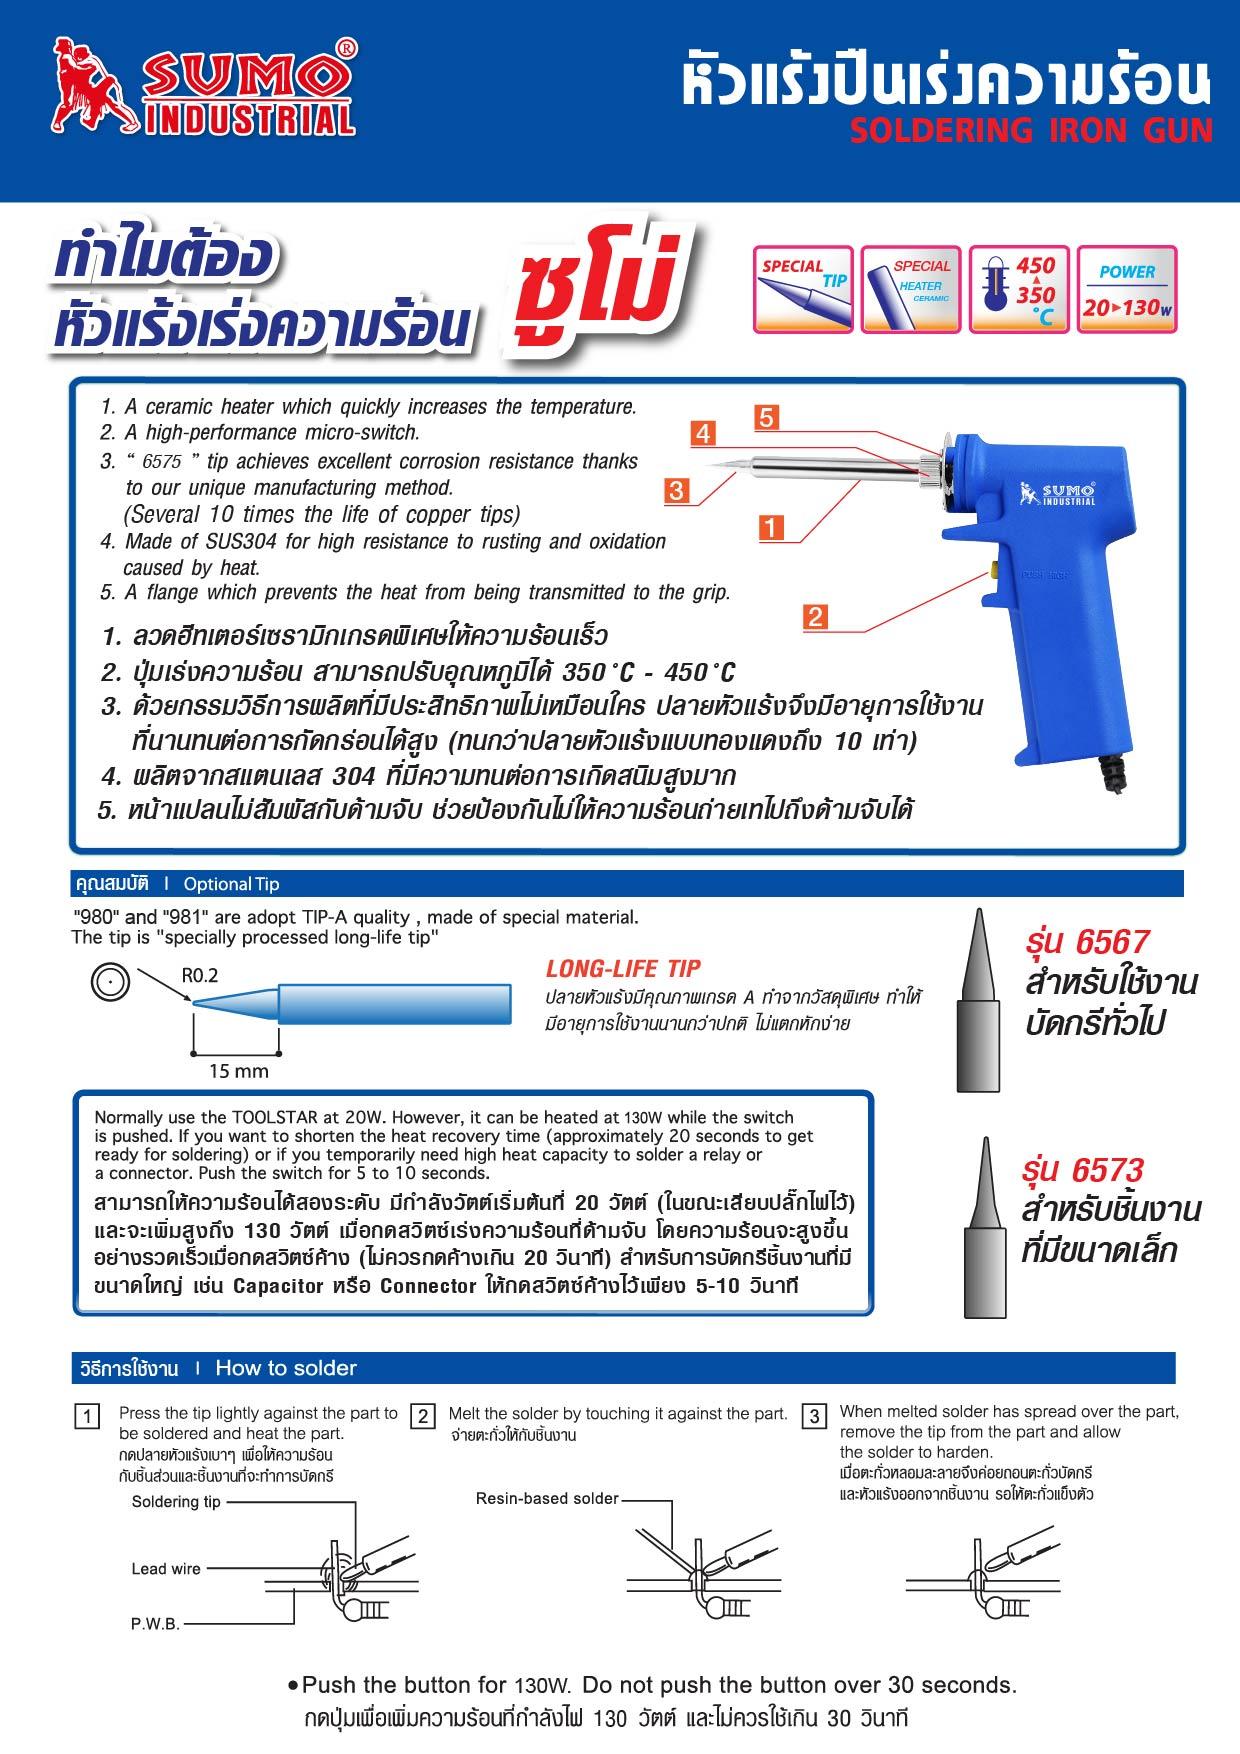 (5/10) หัวแร้งปืนเร่งความร้อน - SOLDERING IRON GUN Mod.981